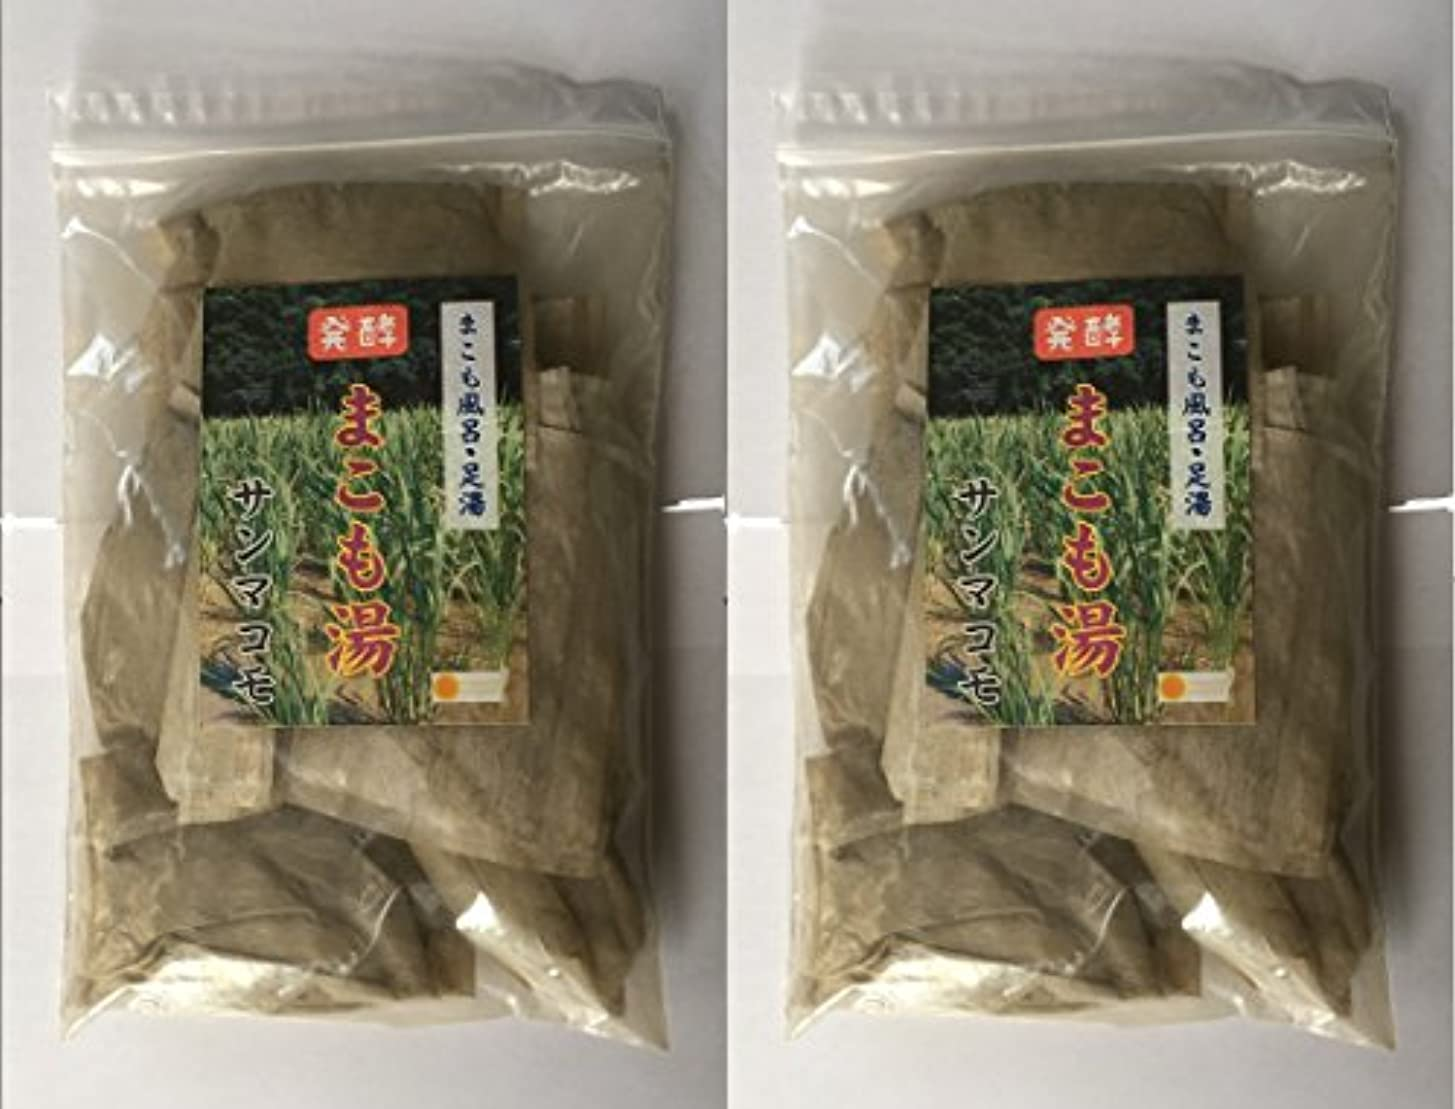 空白驚検出する発酵まこも湯 100g 2個セット